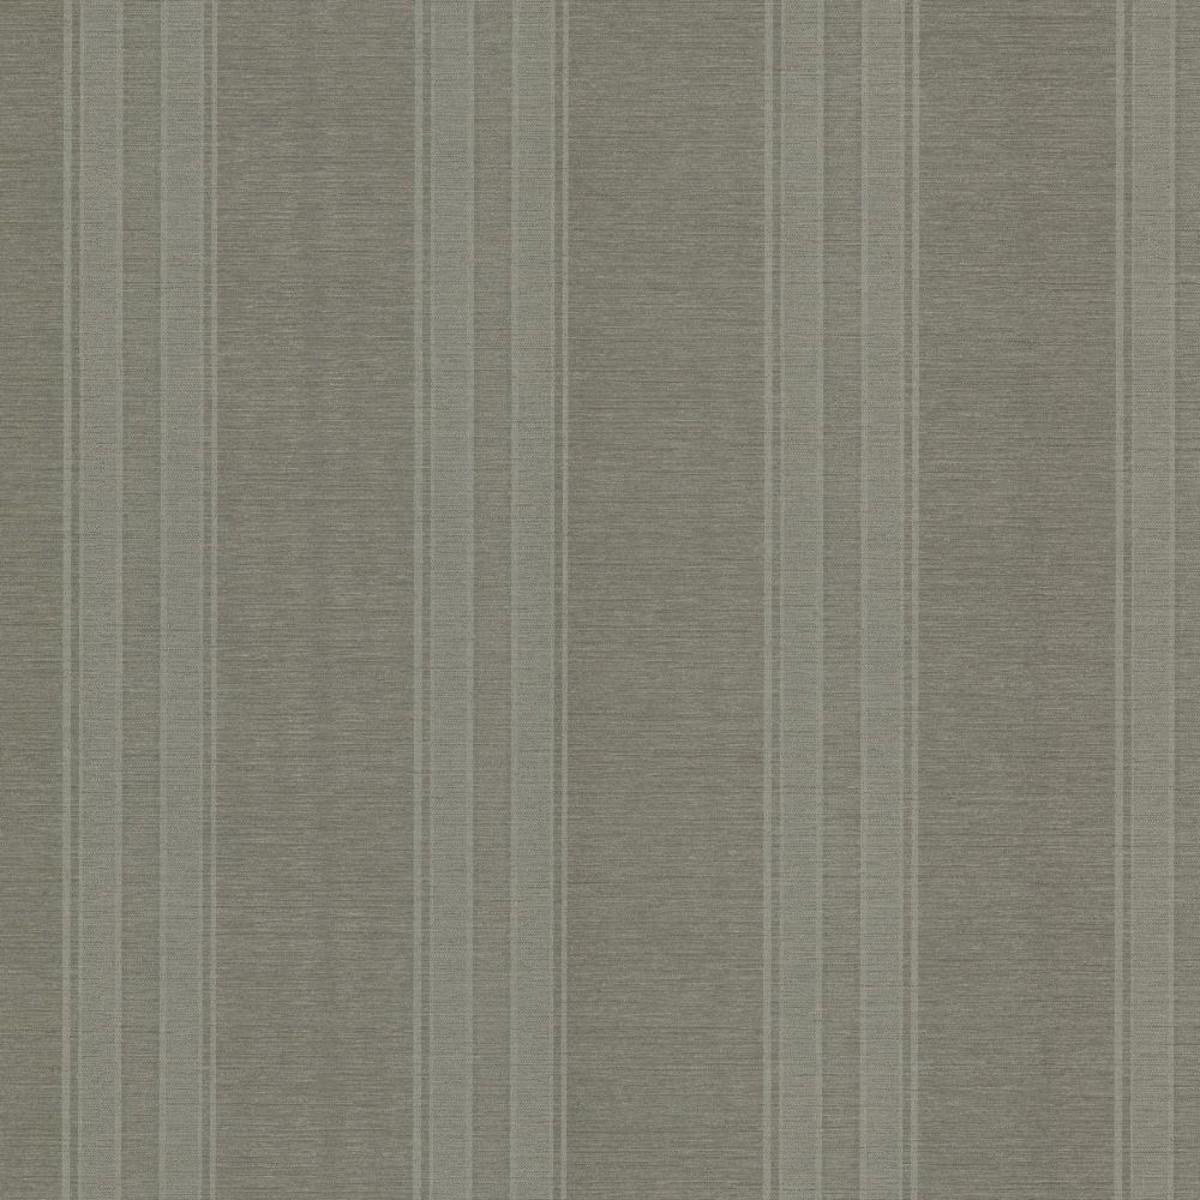 Обои виниловые Aura Brocade серые 0.53 м FD20818 (2601-20818)